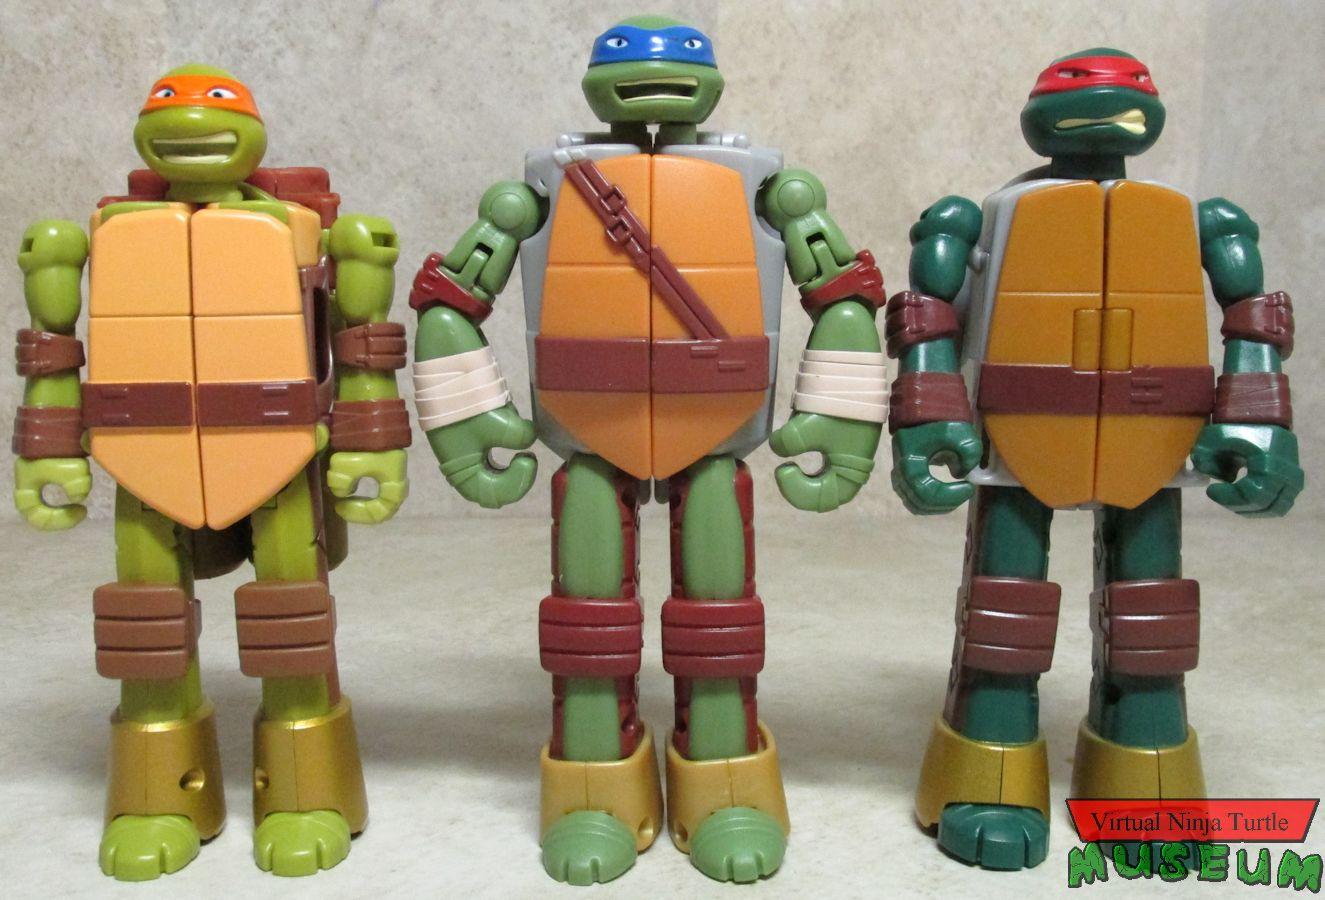 92576a175 Teenage Mutant Ninja Turtles Mutations Ninja Turtle into Weapon Figures